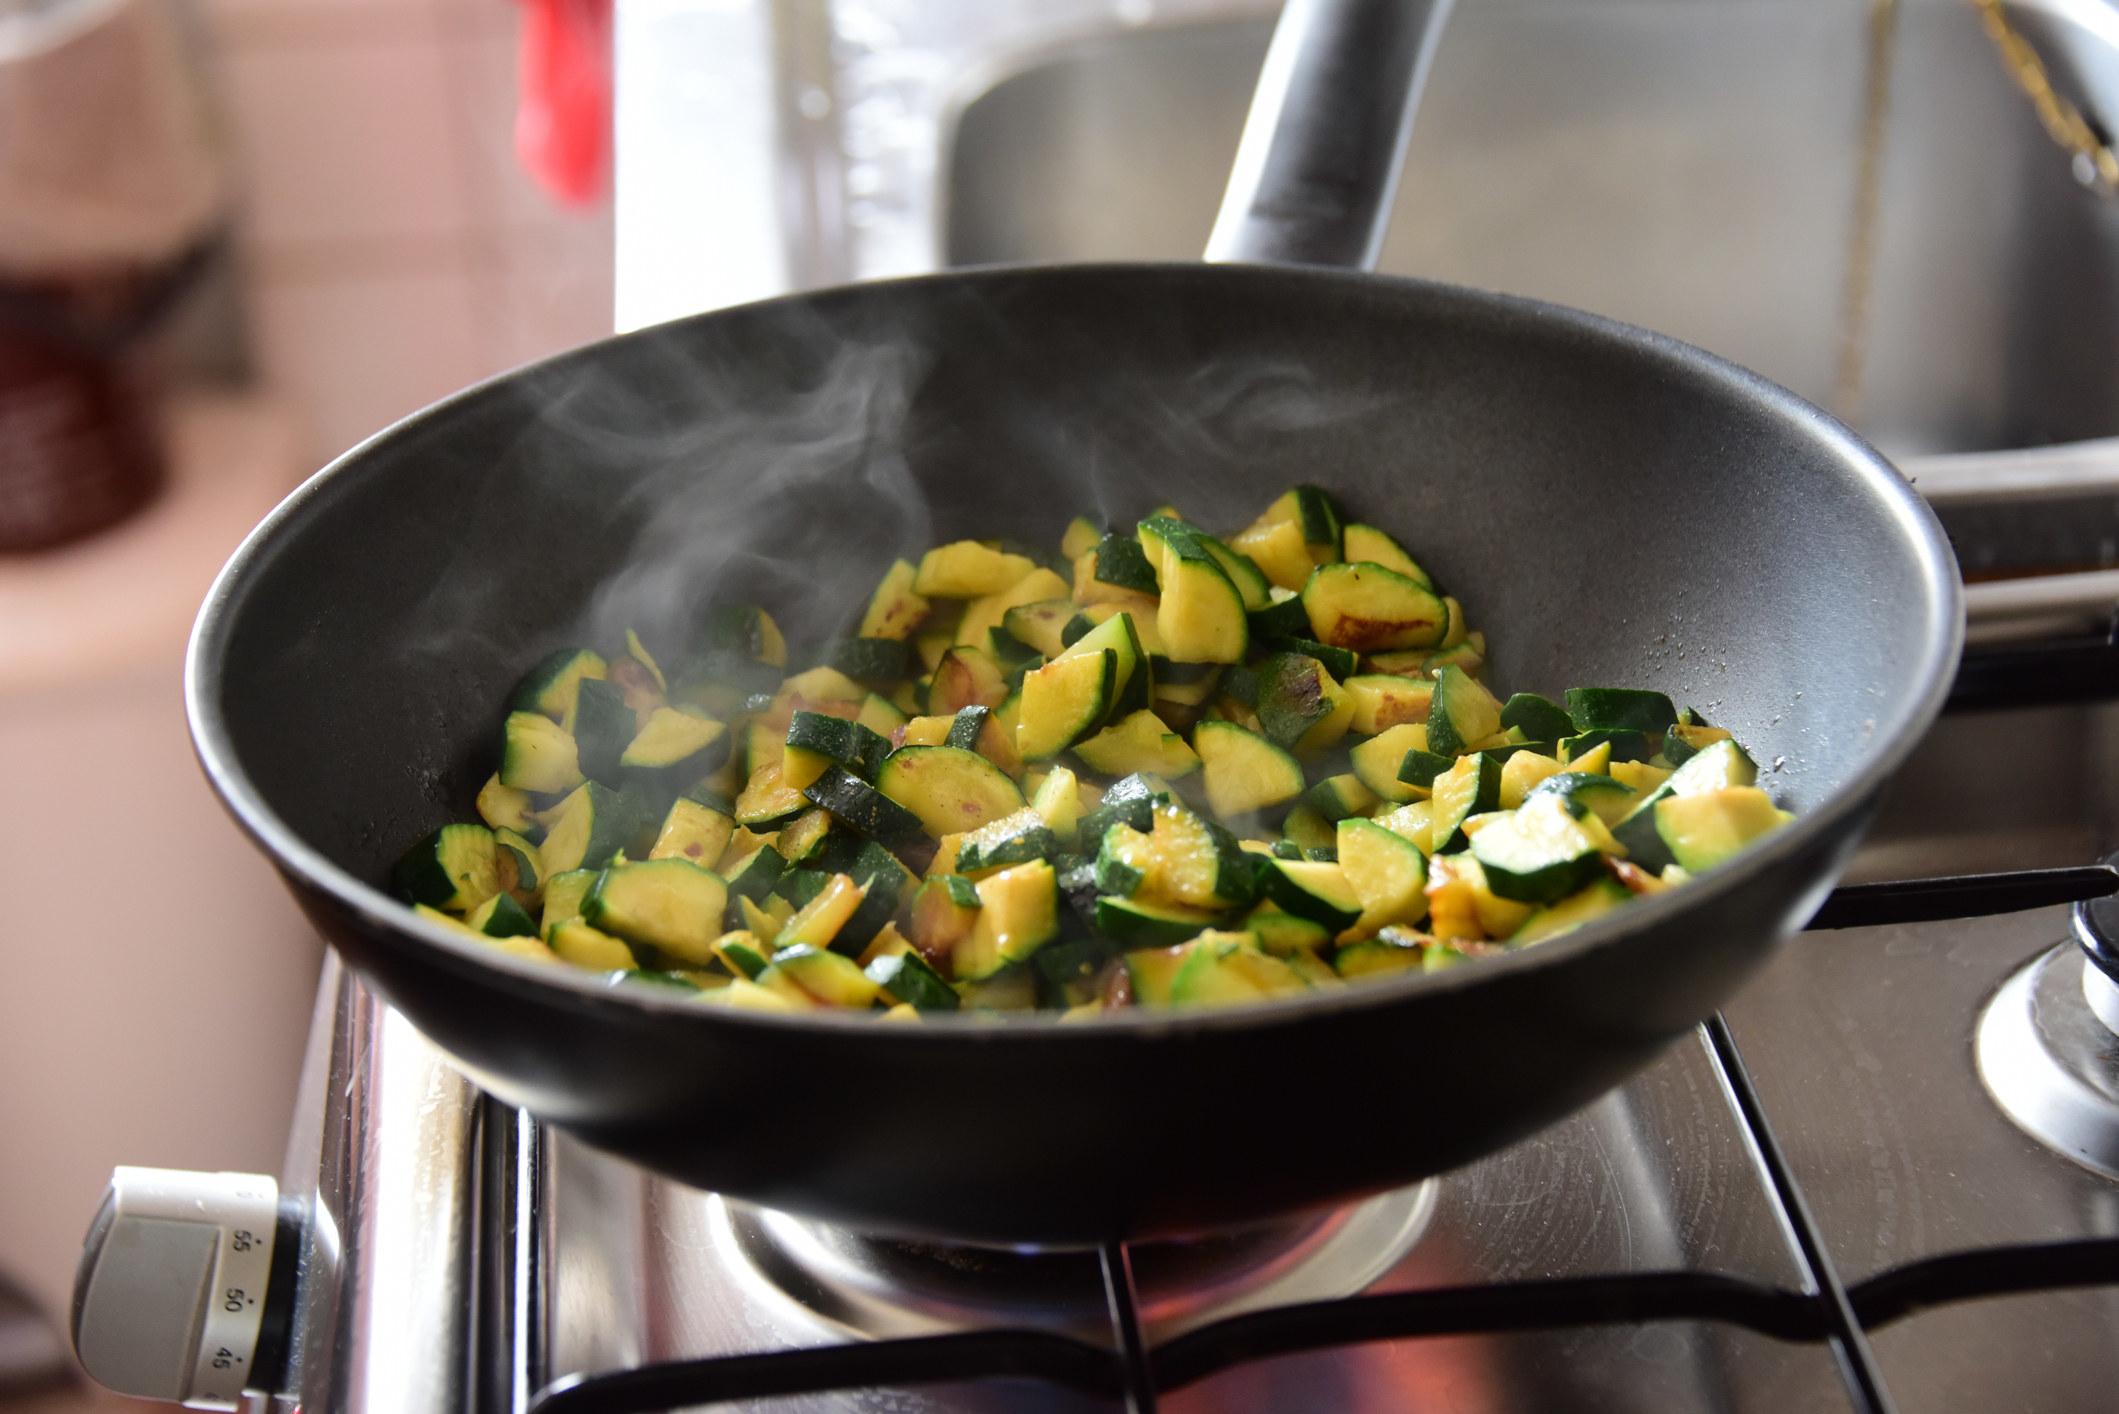 Sautéing zucchini in a skillet.